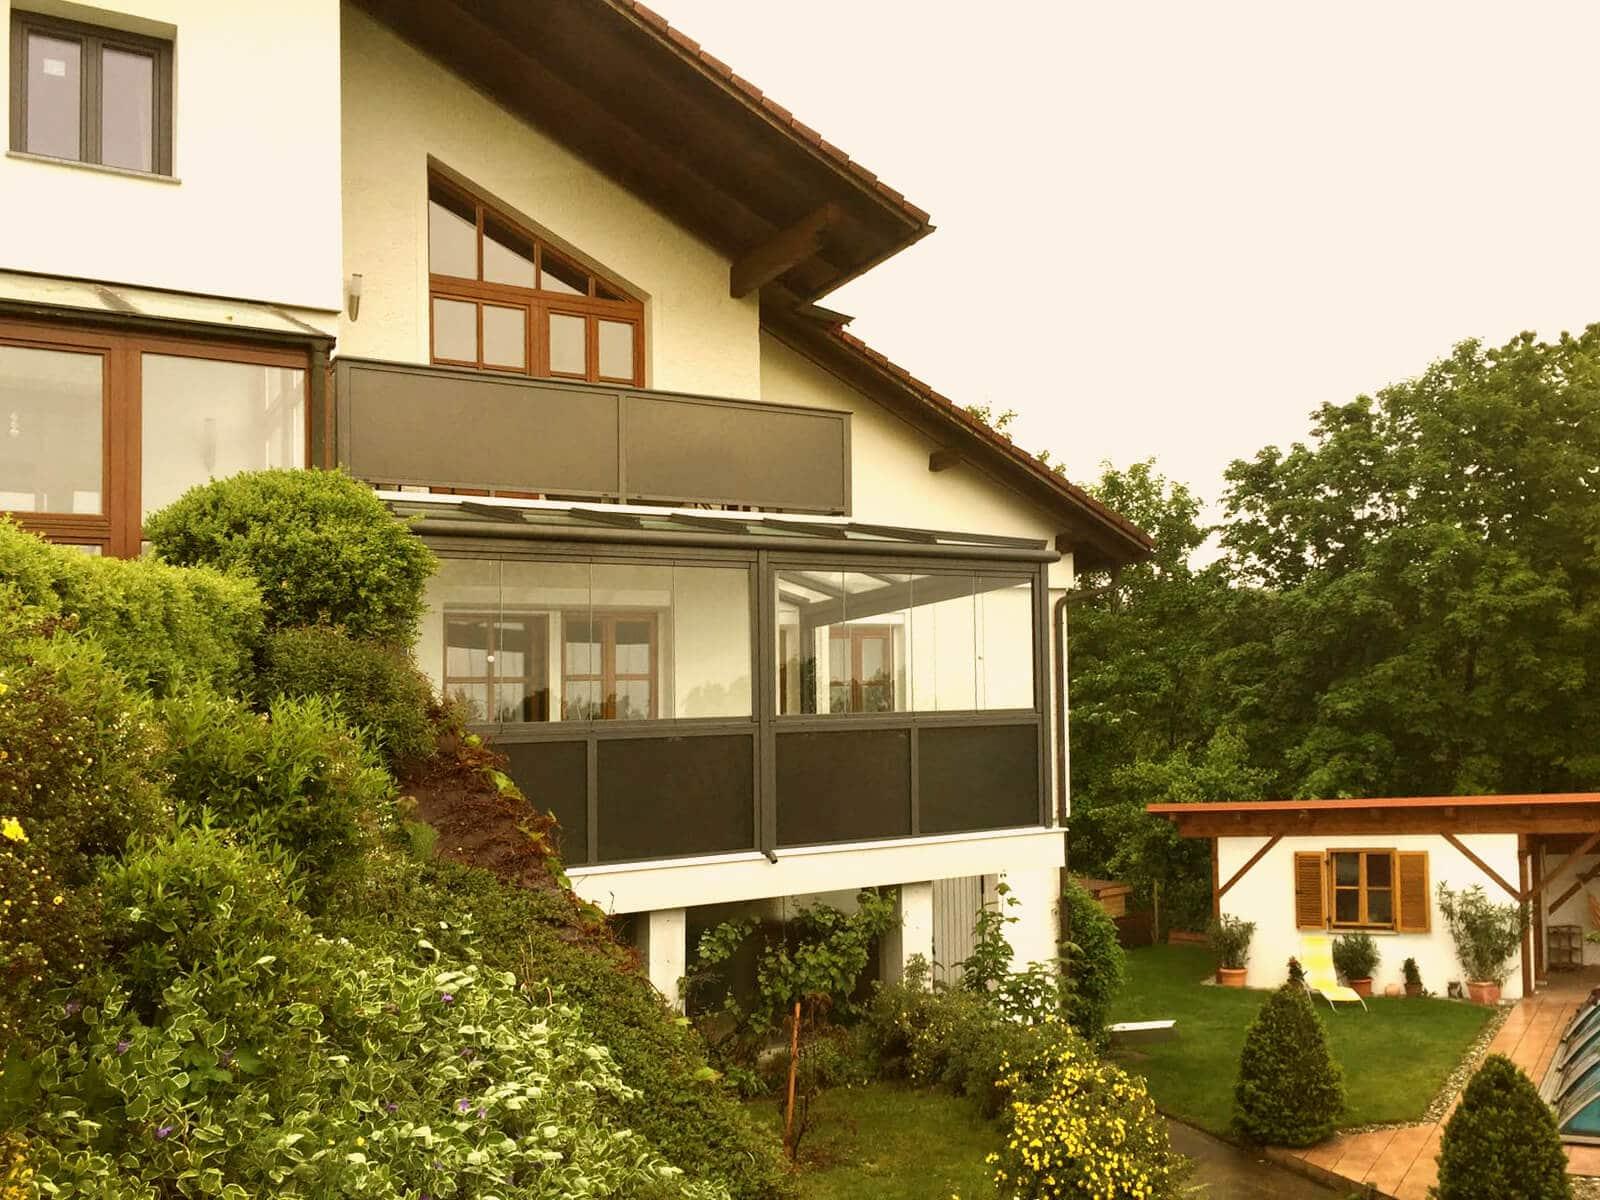 Schmidinger Wintergarten RAL 7016 anthrazit auf Balkon